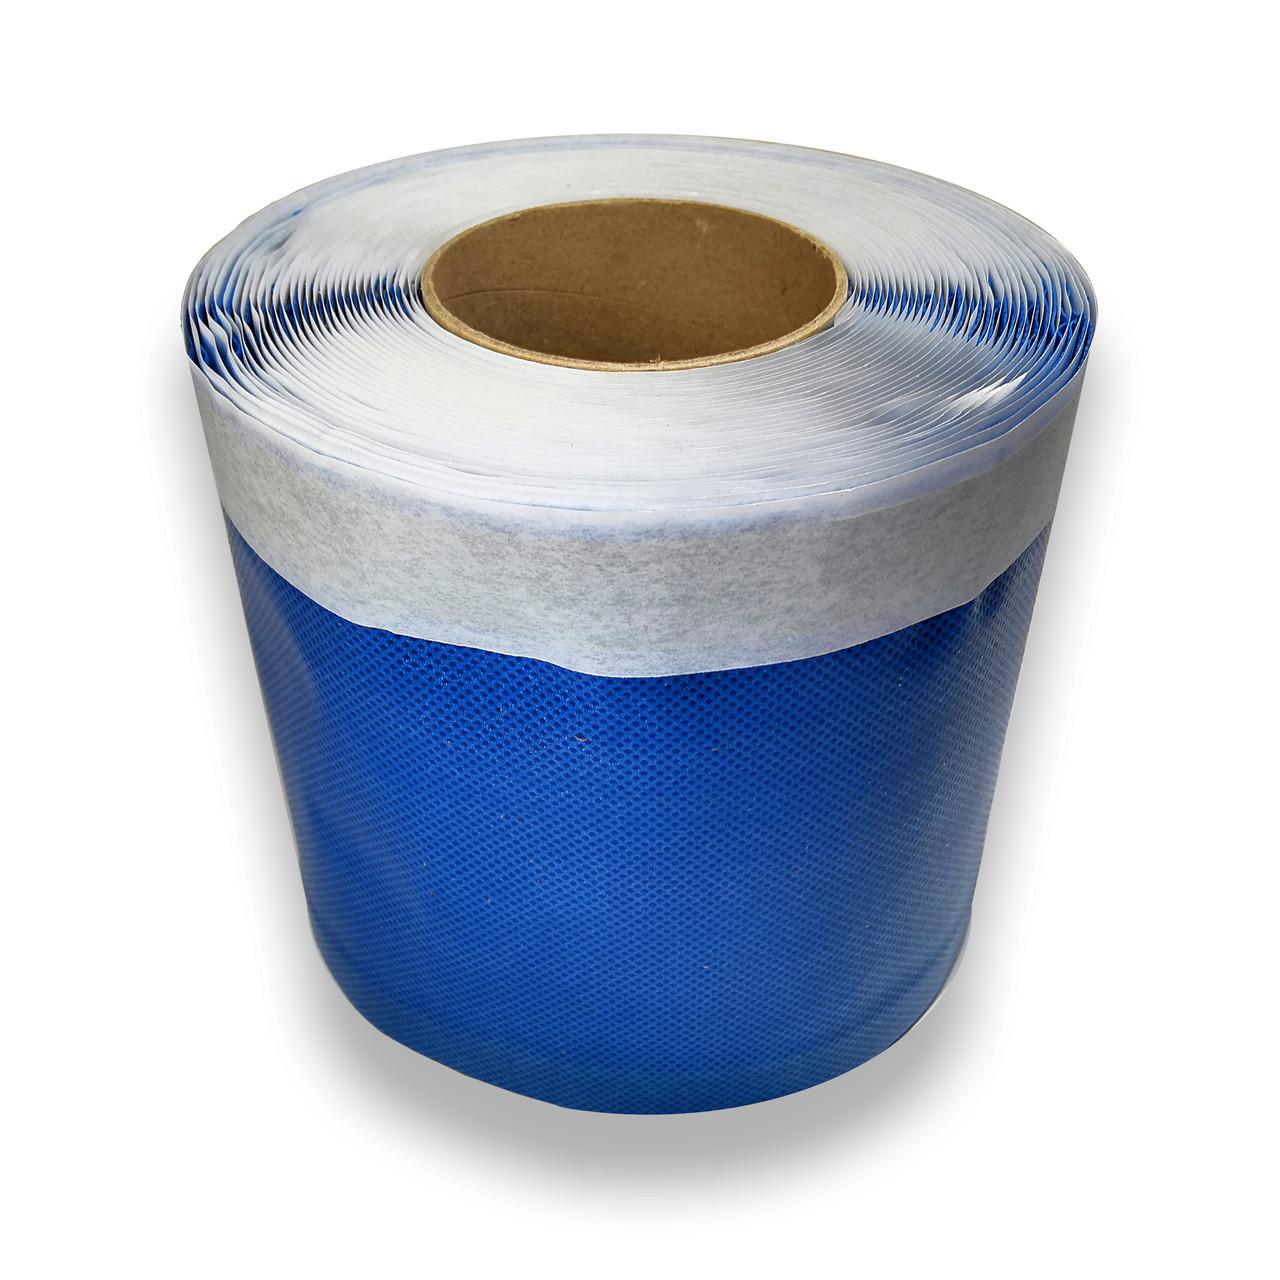 Герметизирующая лента для монтажа окон внутренняя 75 мм х 12 м W